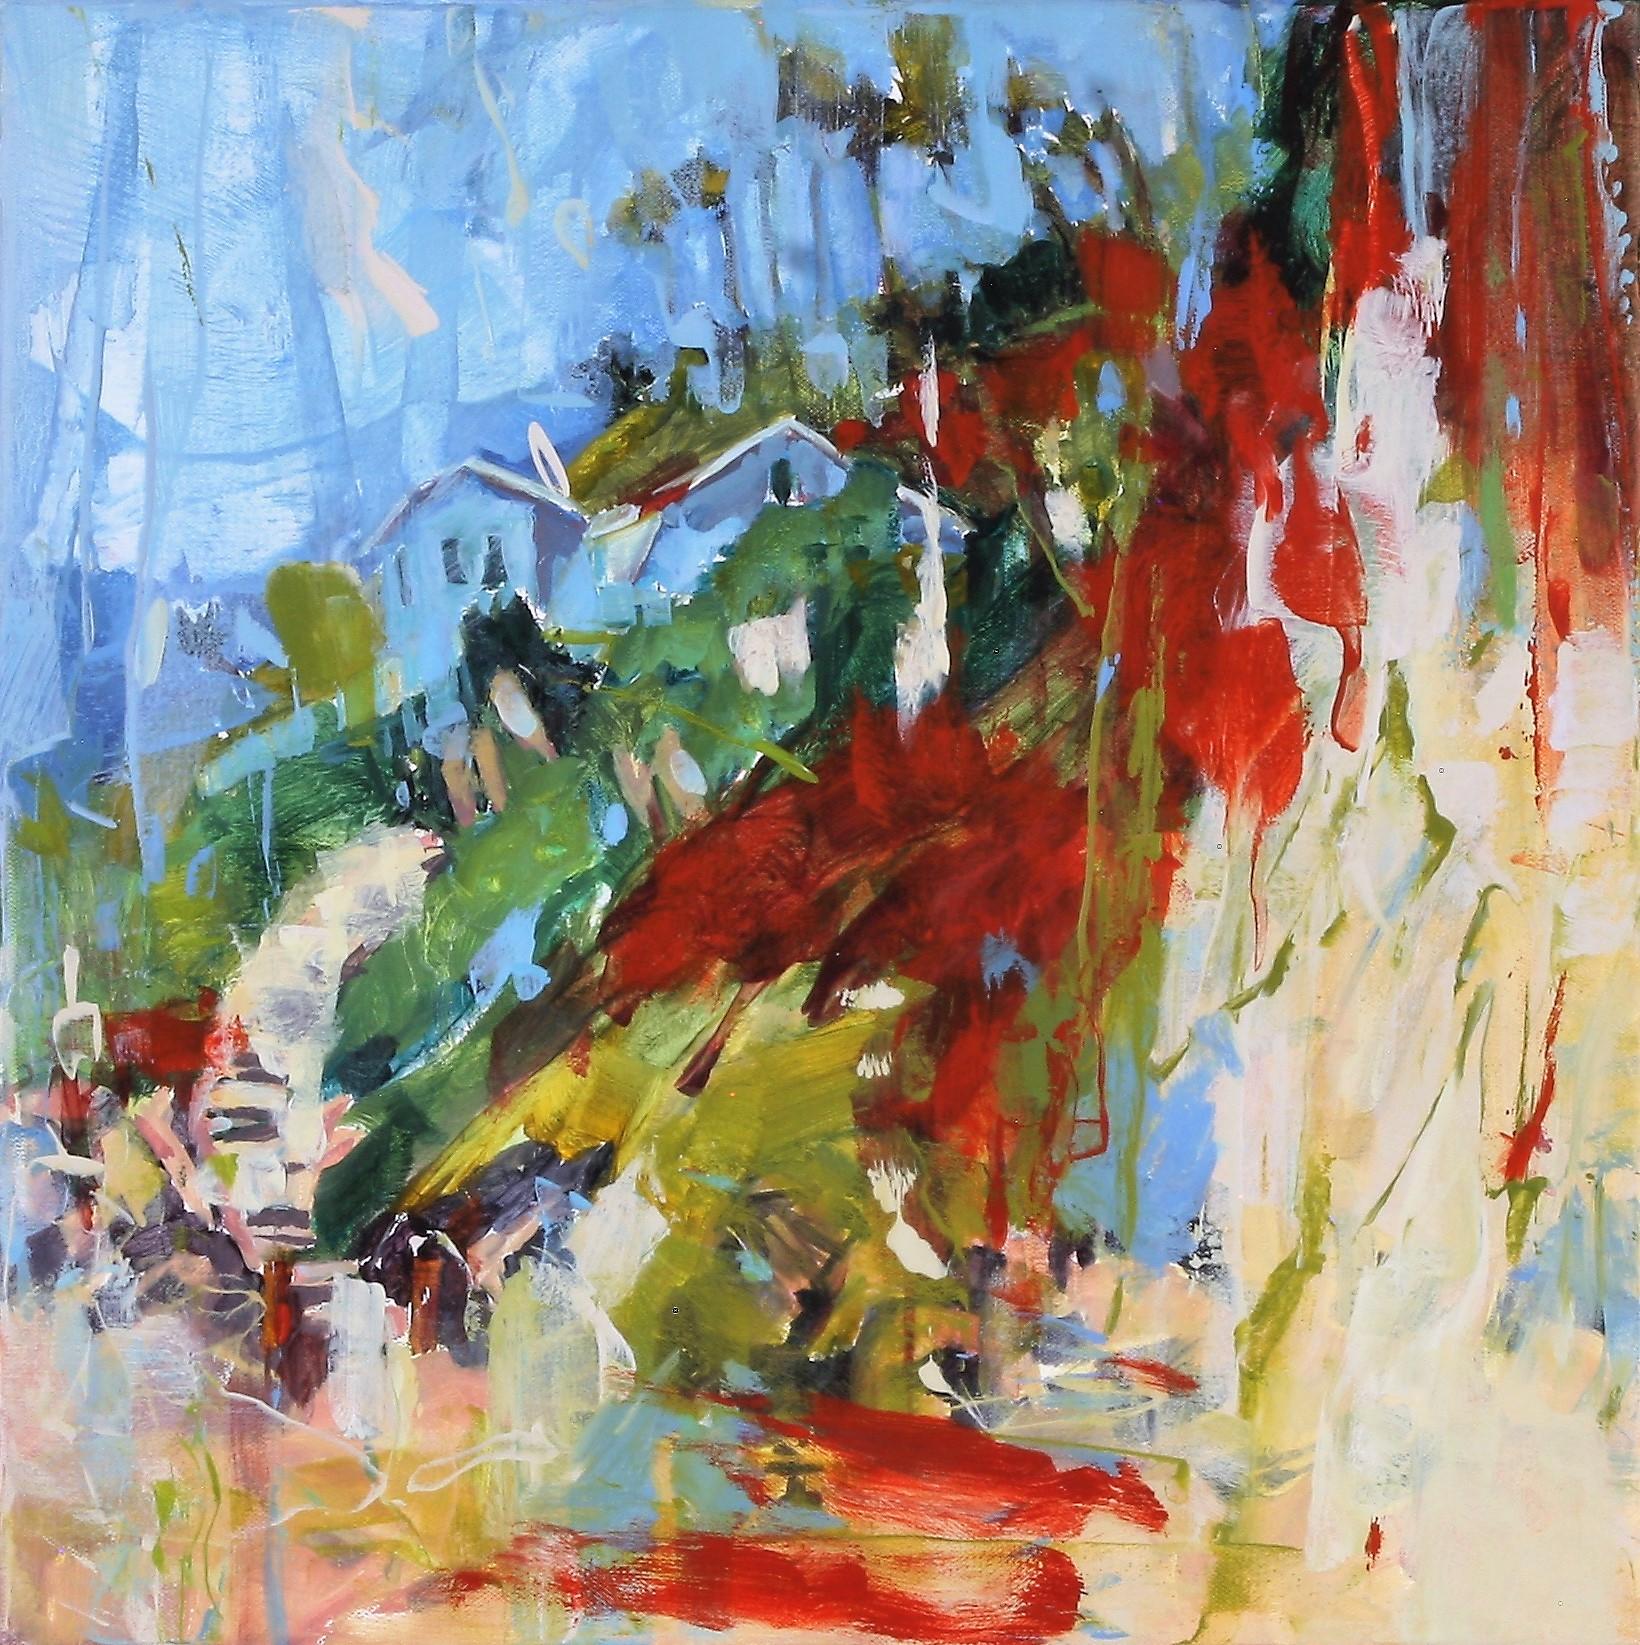 Blue Beach House 2018 16'' x 16'' oil on canvas